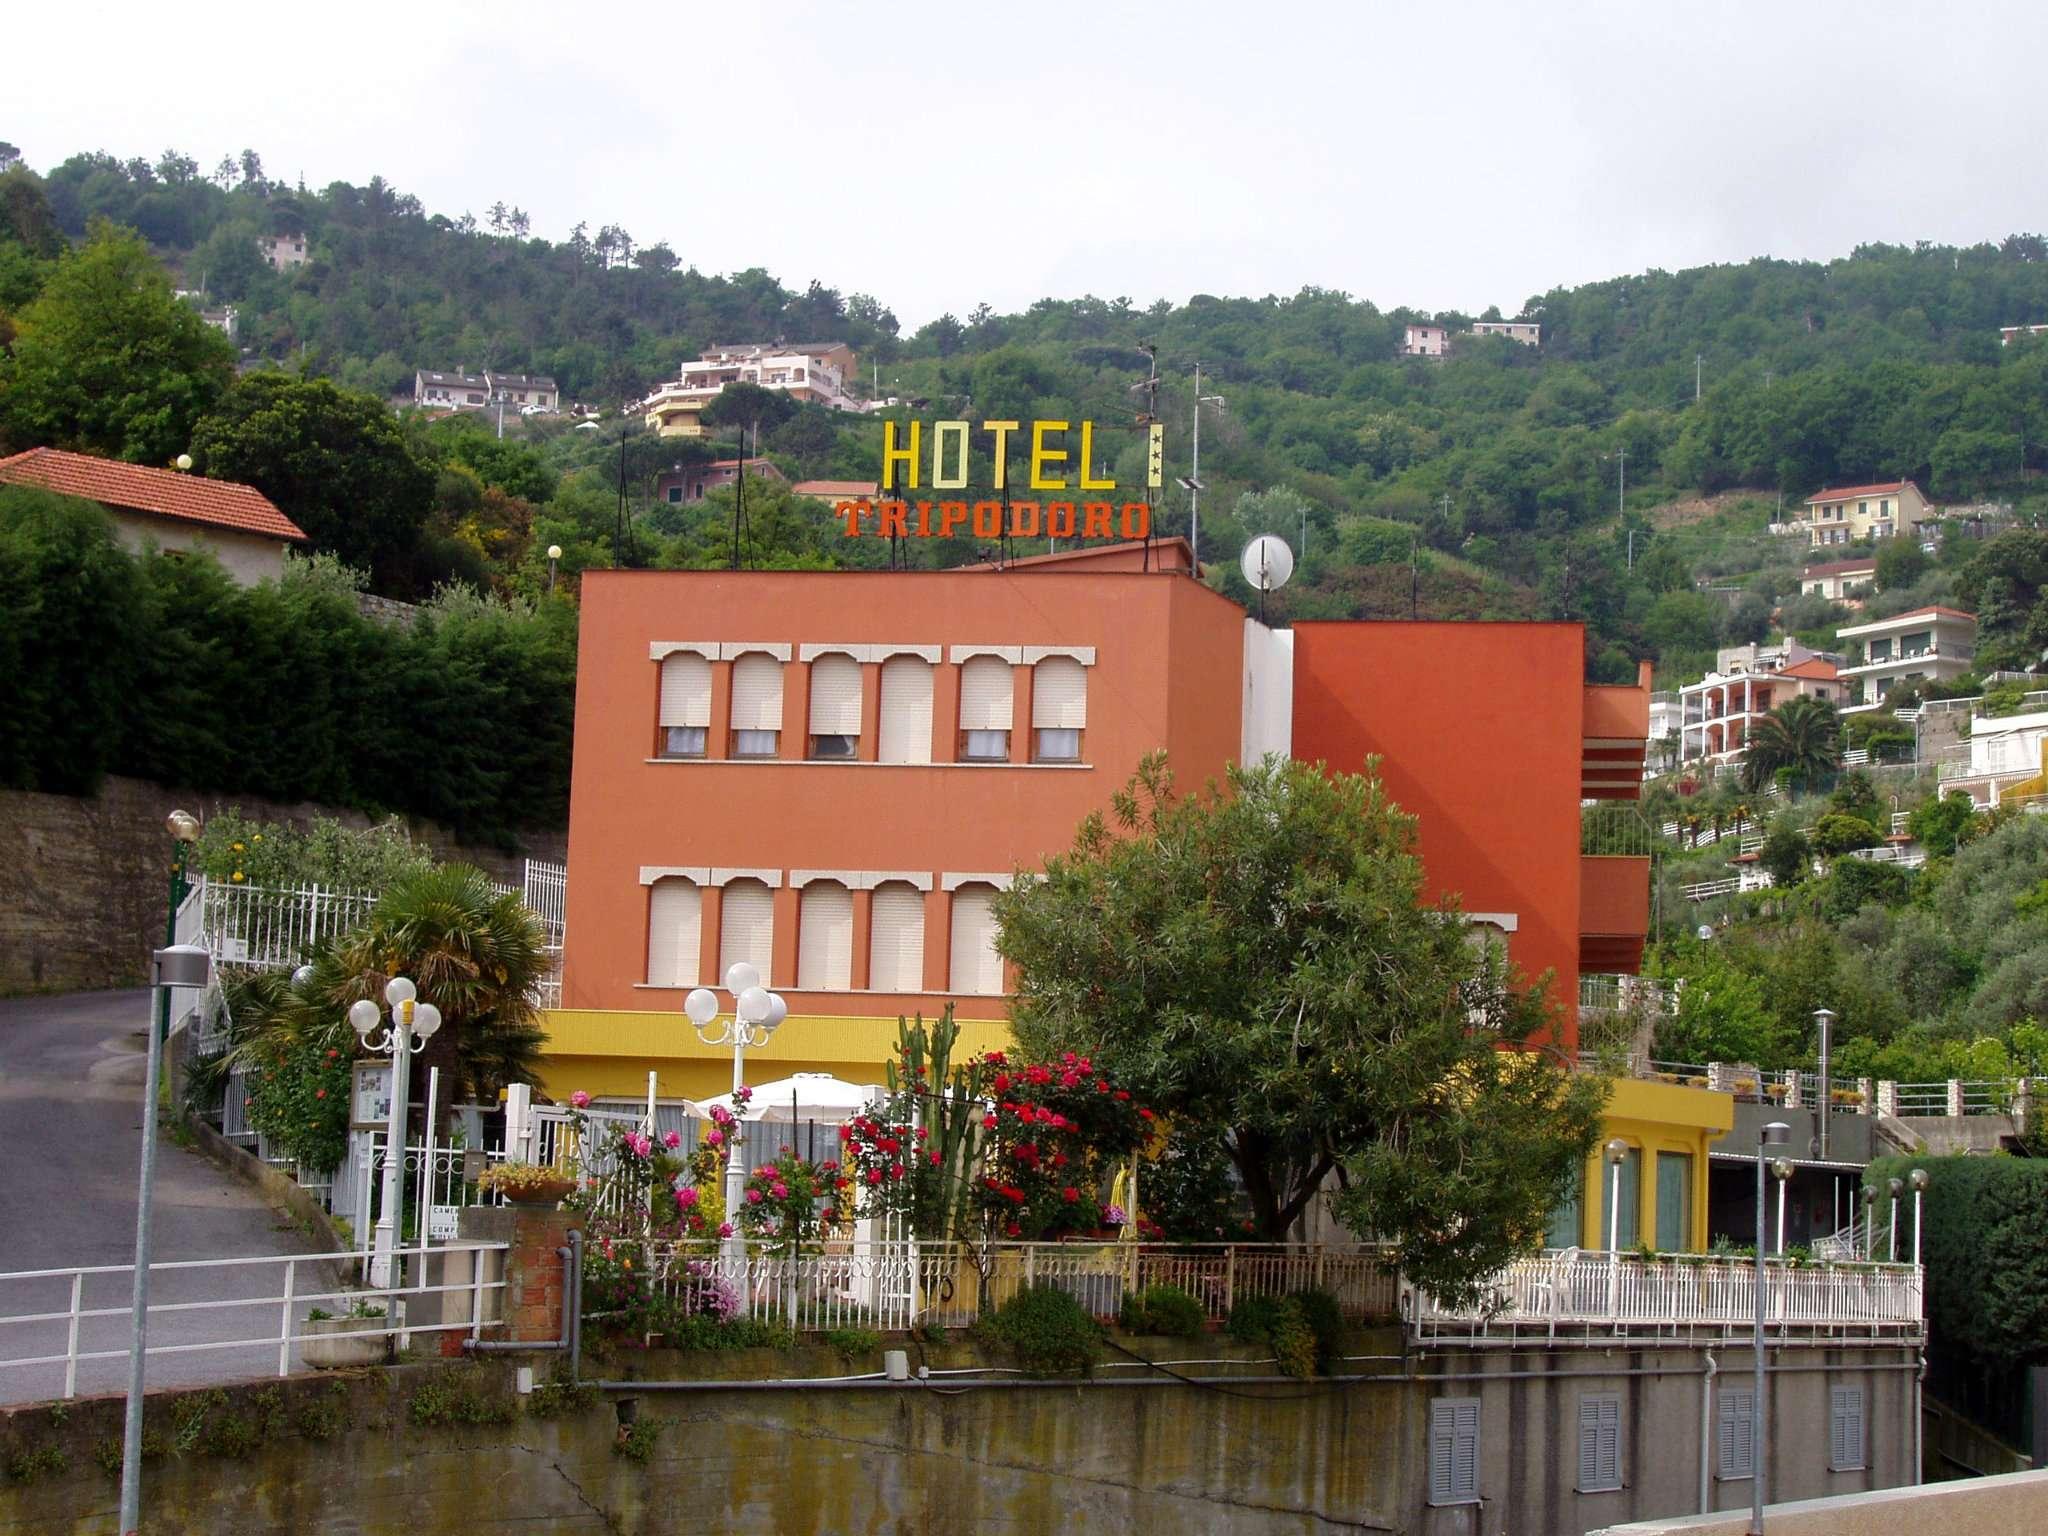 Albergo in vendita a Noli, 40 locali, prezzo € 2.500.000 | PortaleAgenzieImmobiliari.it